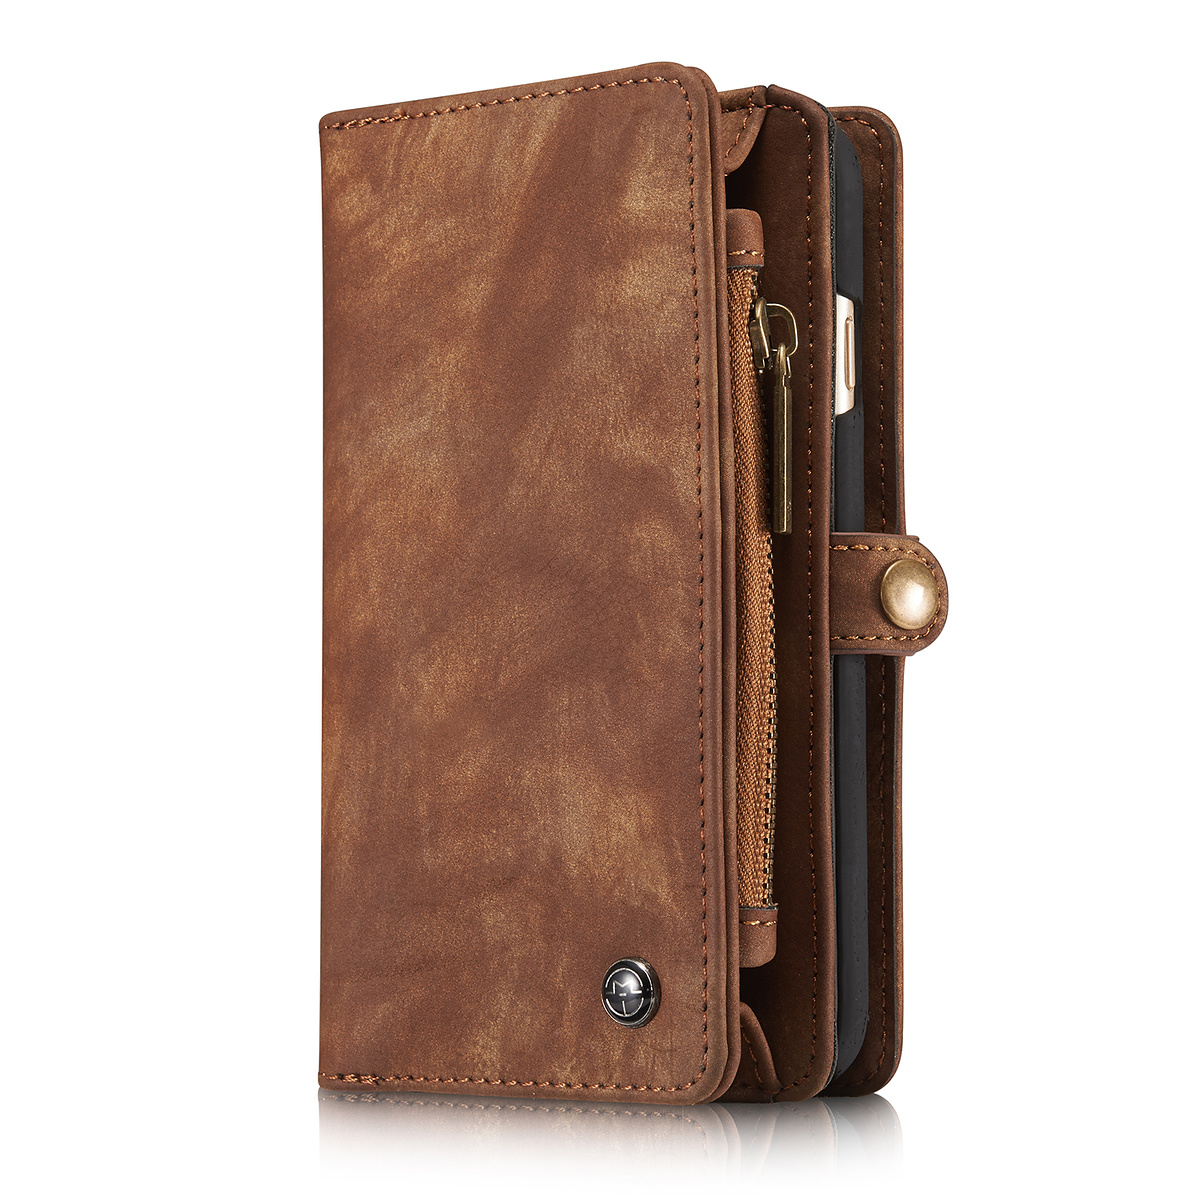 CaseMe plånboksfodral med magnetskal till iPhone 6/6S, brun